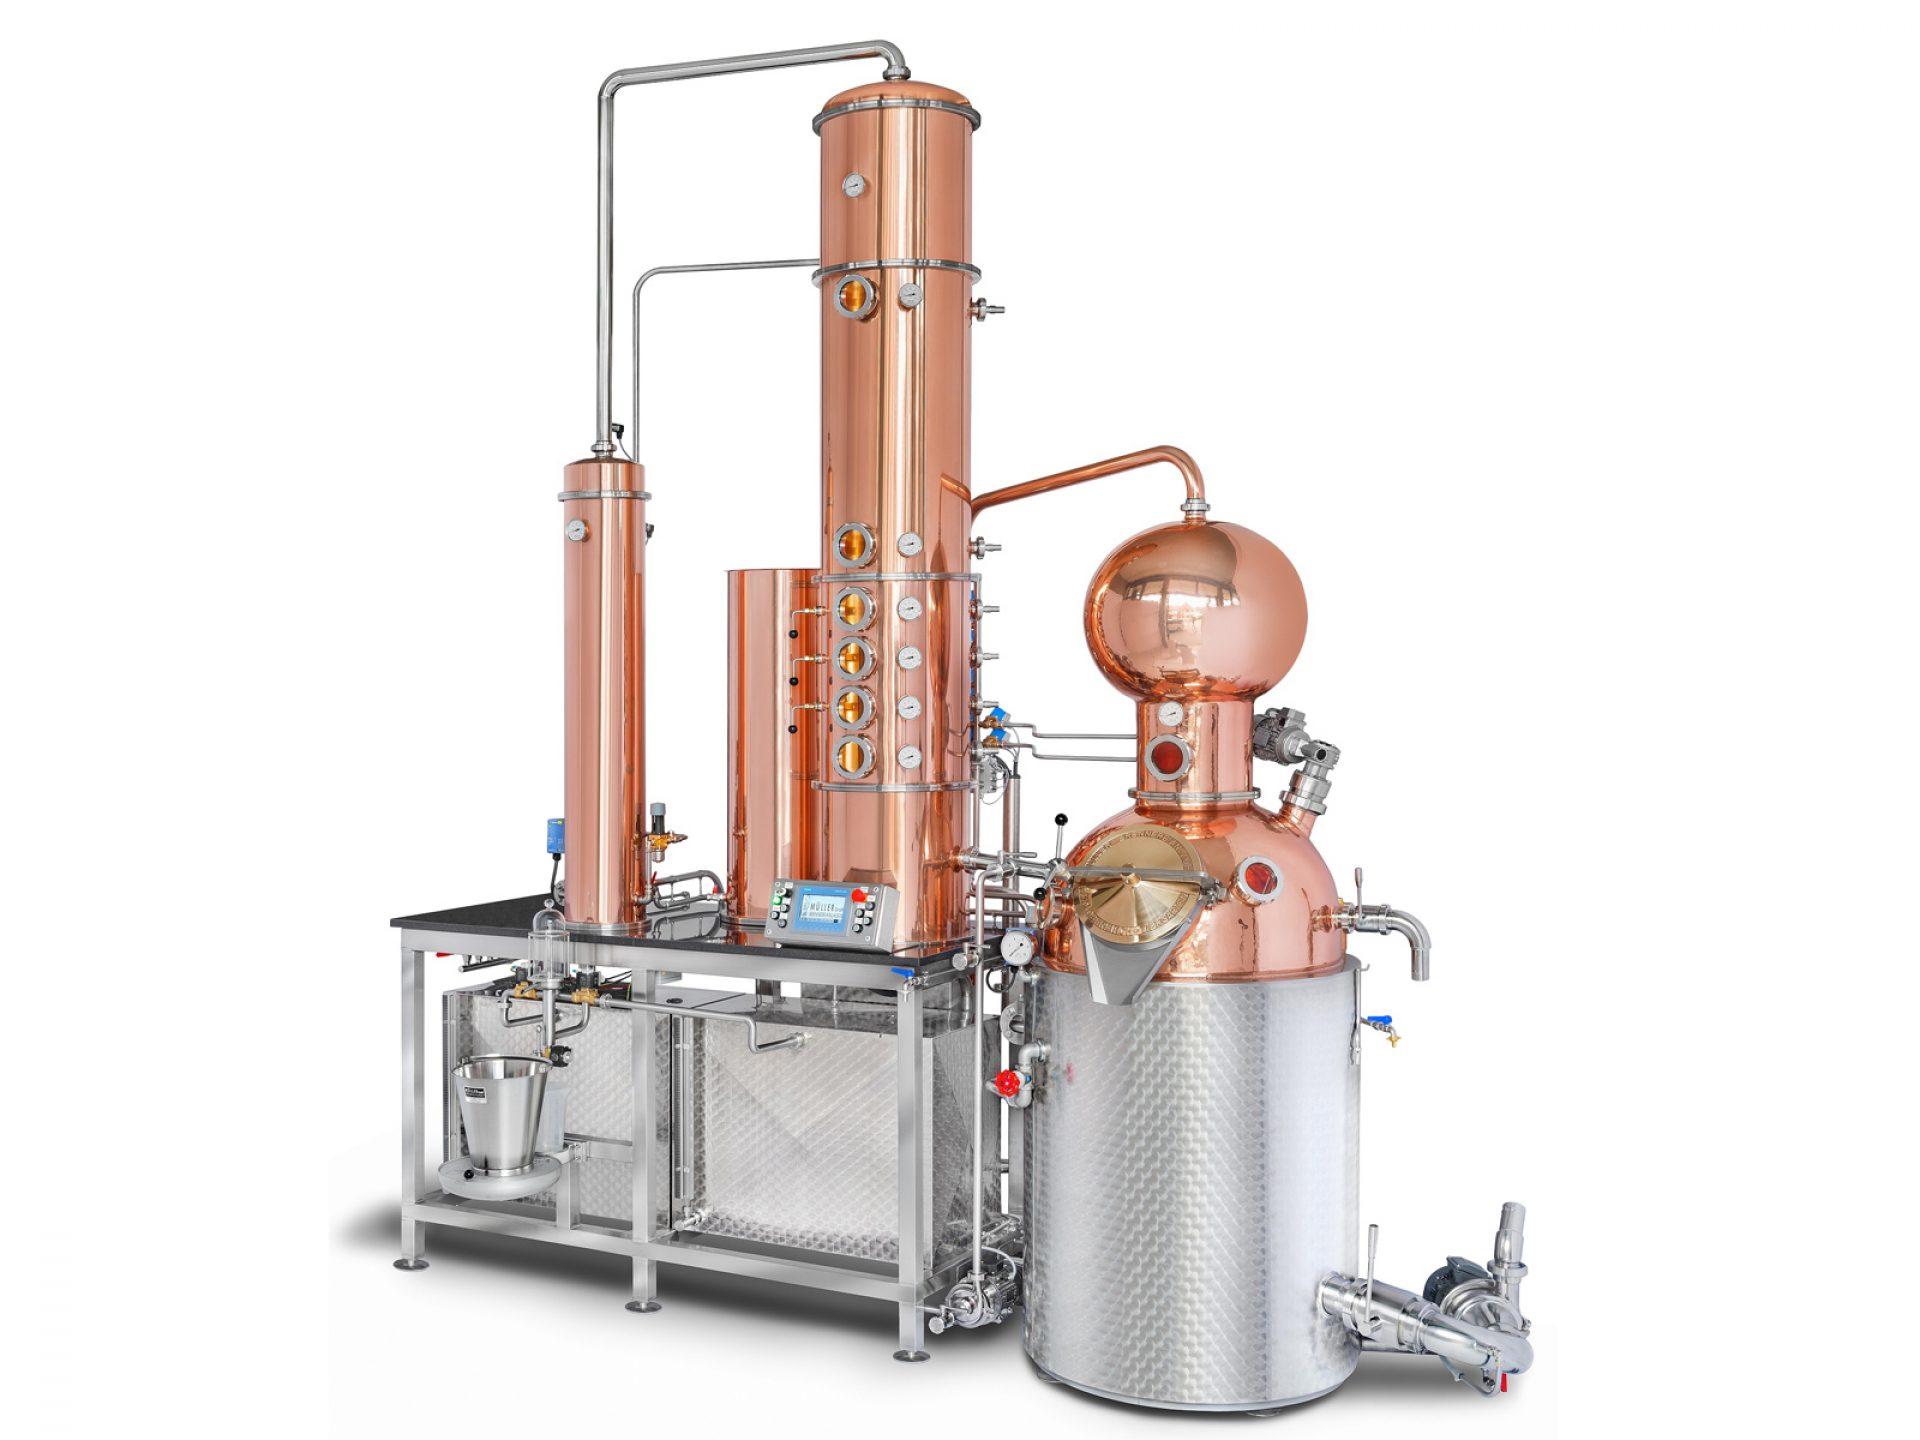 mueller-aroma-brennereianlagen-slider-1920-1200-01